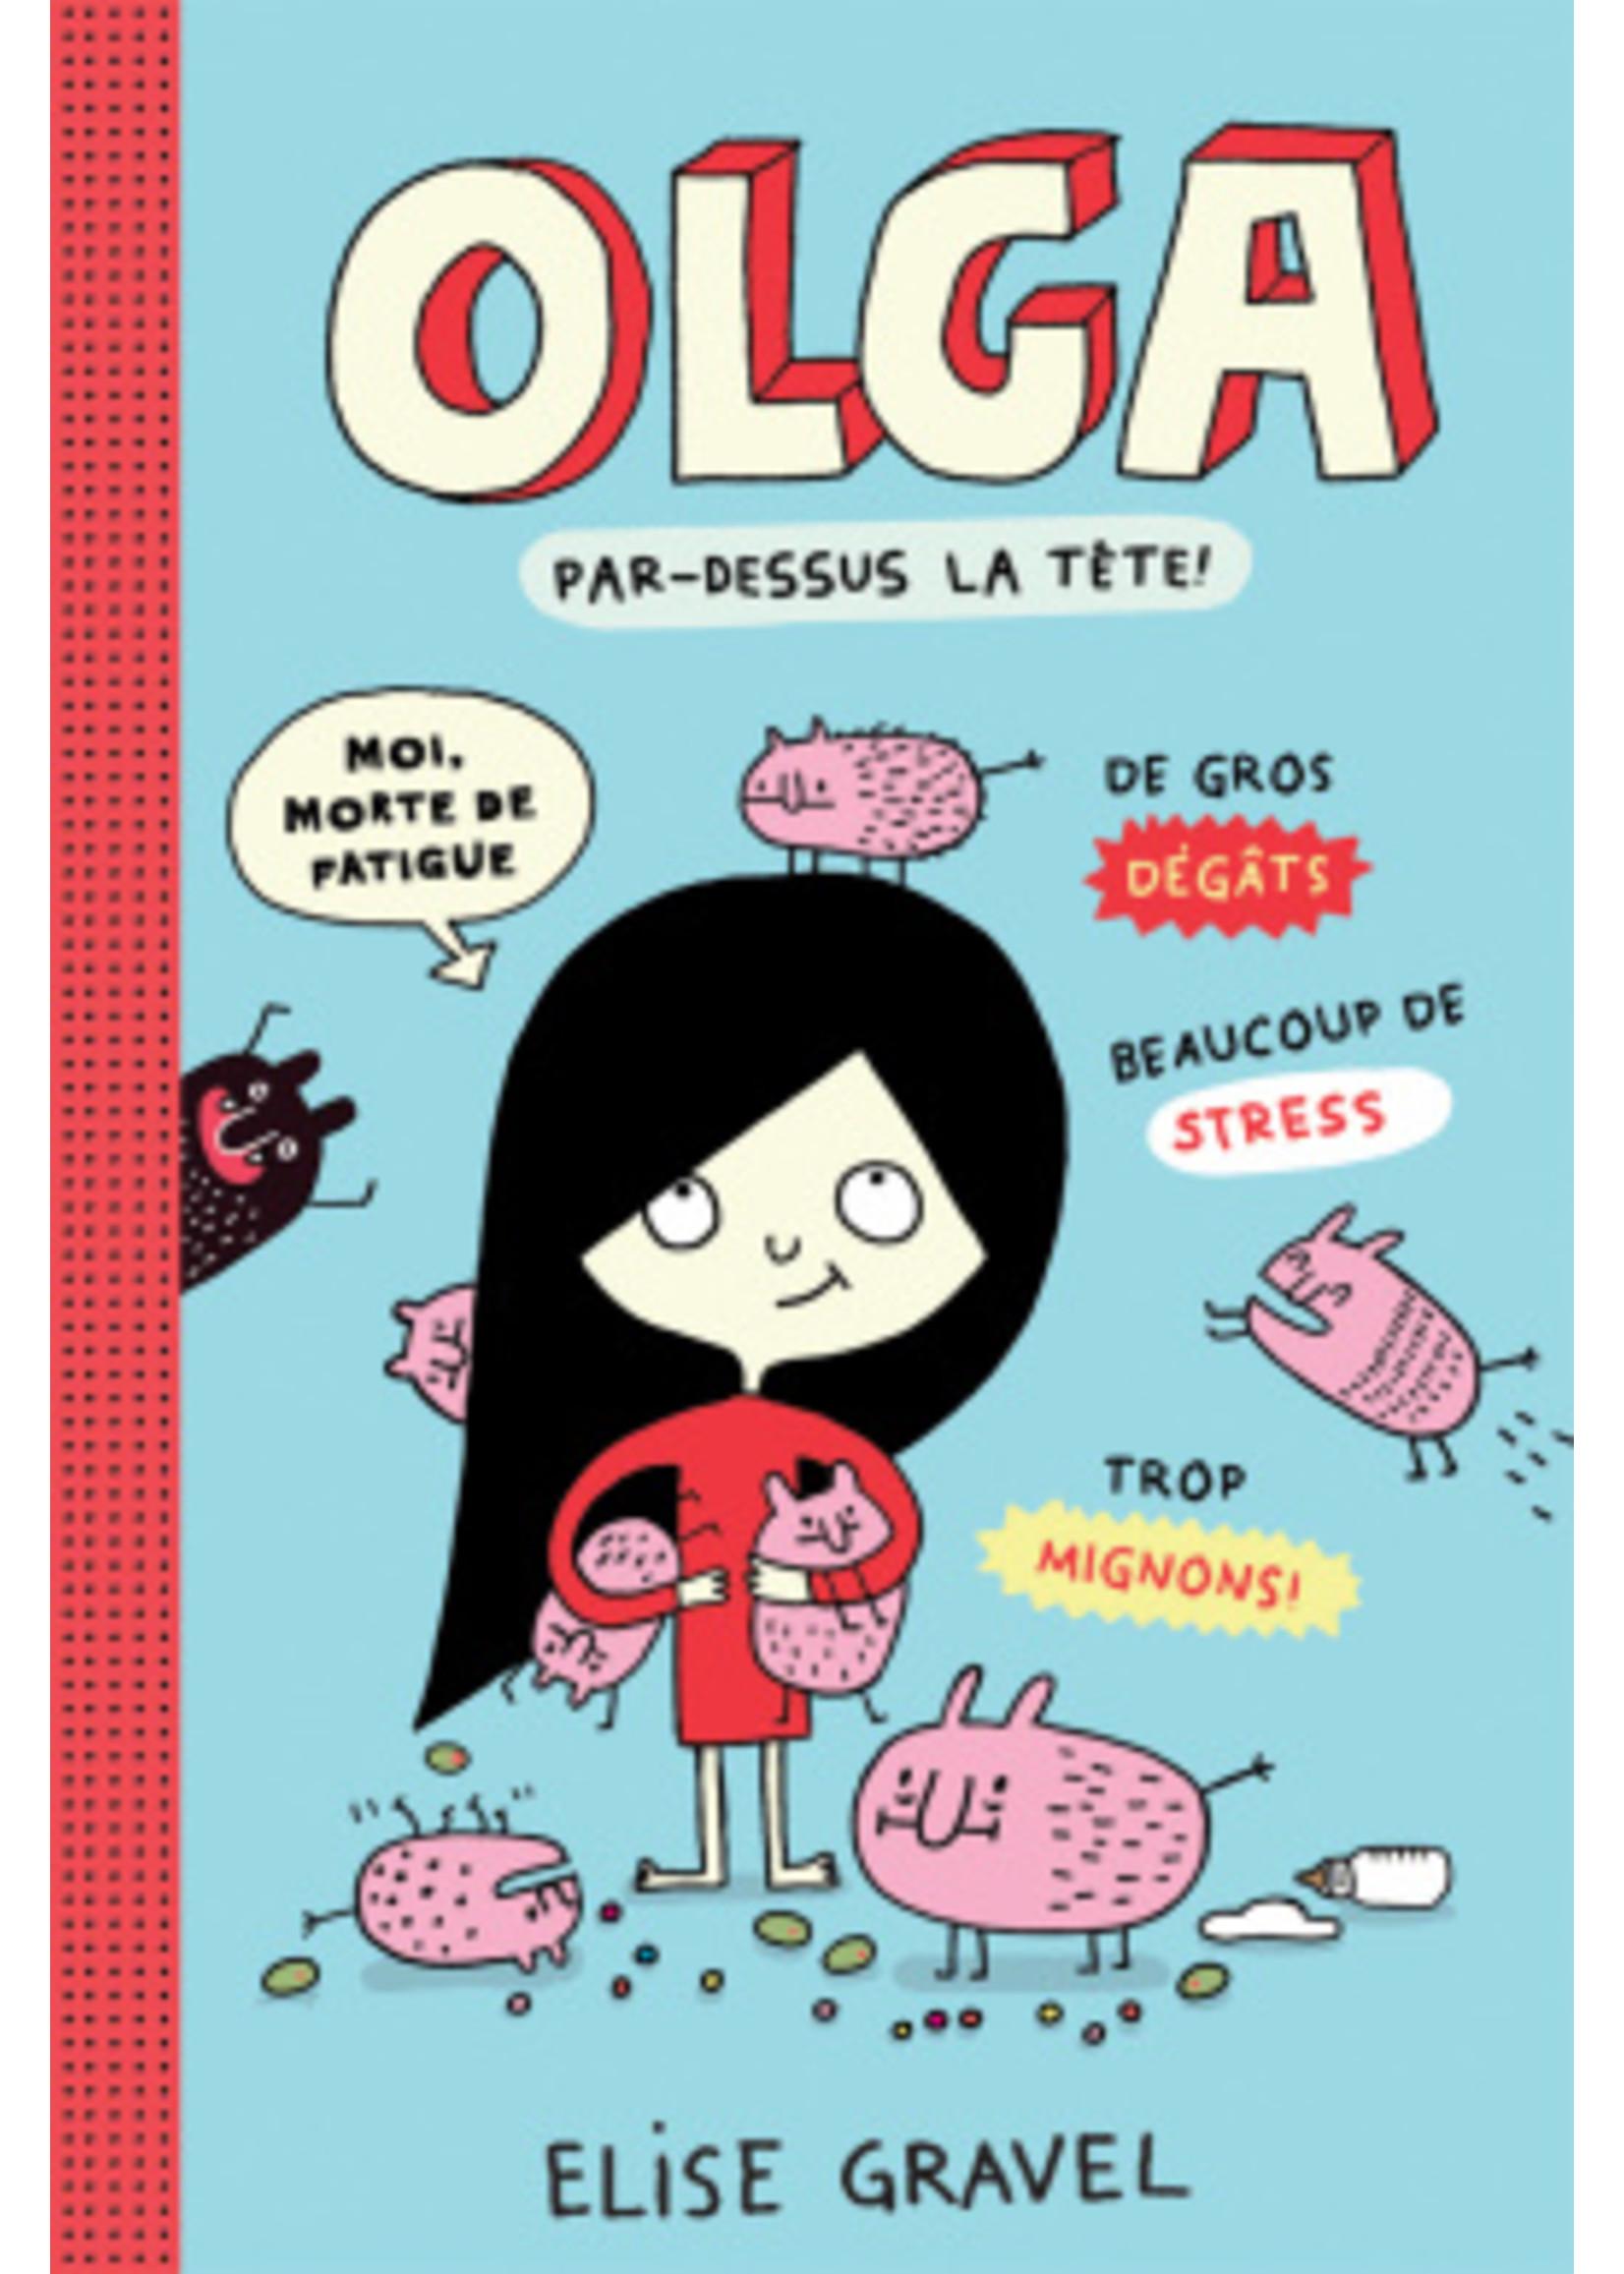 Scholastic Olga 3, Par dessus la tête